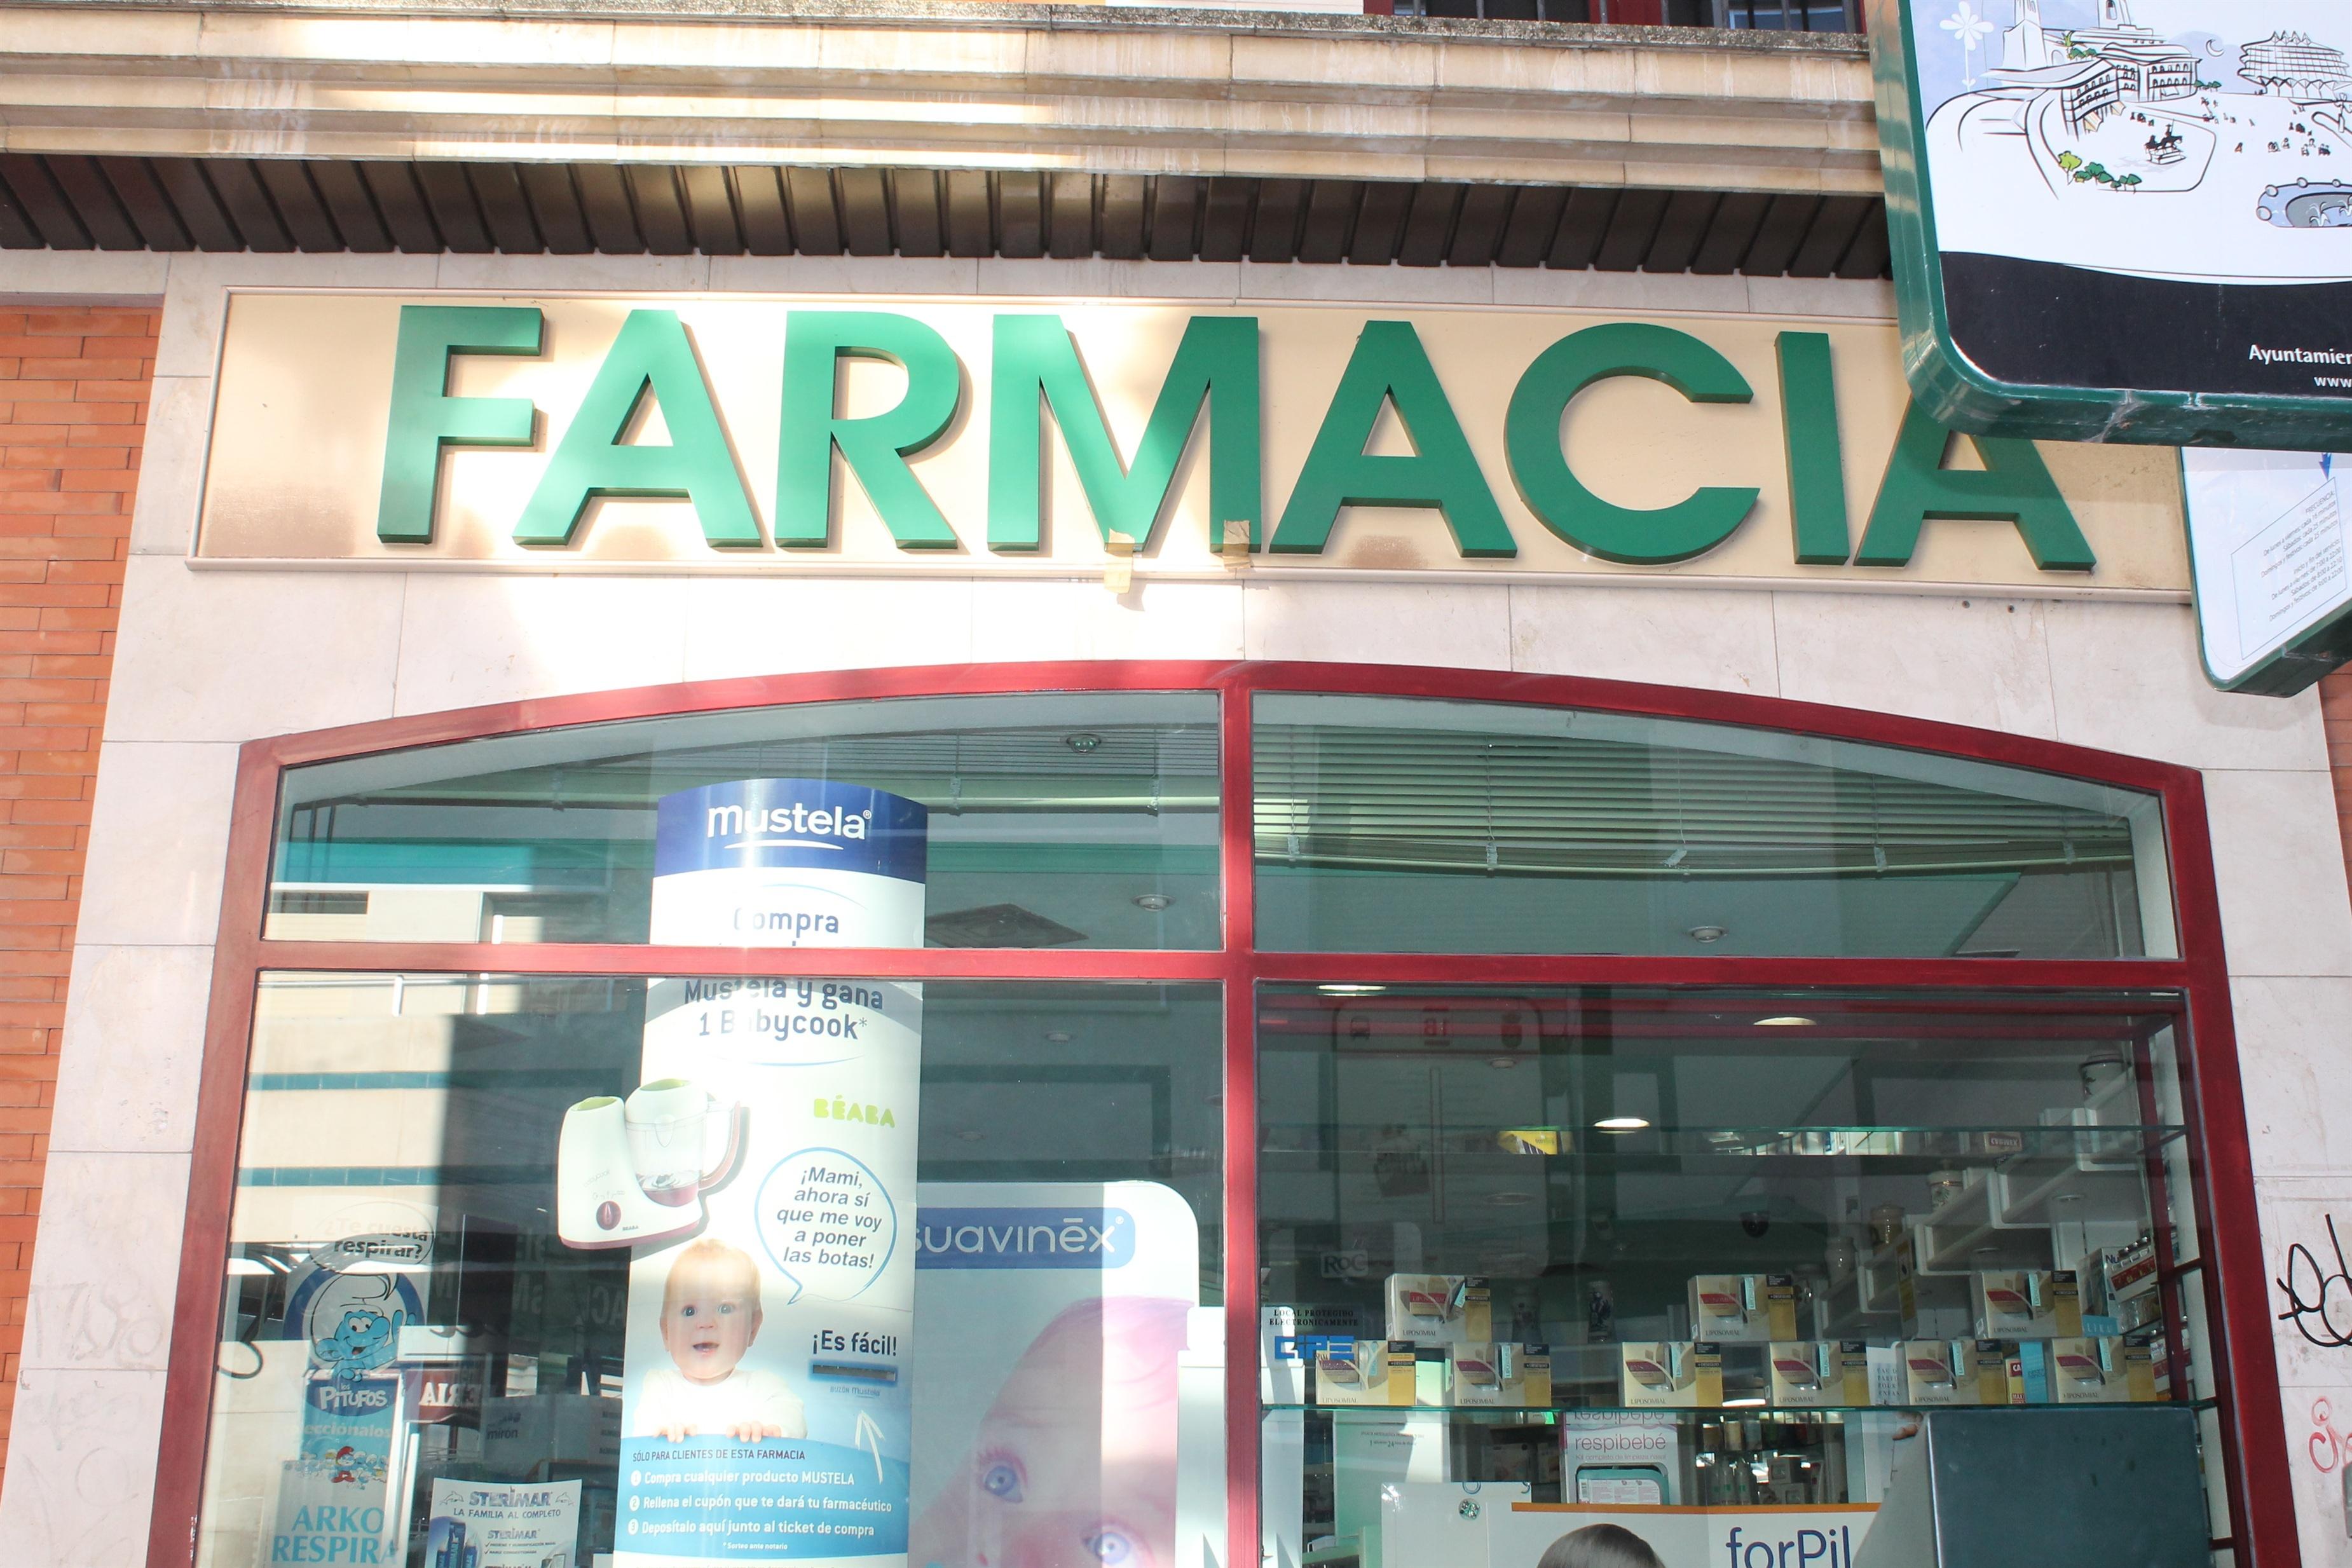 La Xunta reduce un 15,1% su factura farmacéutica en el primer semestre, con un ahorro de 61,67 millones